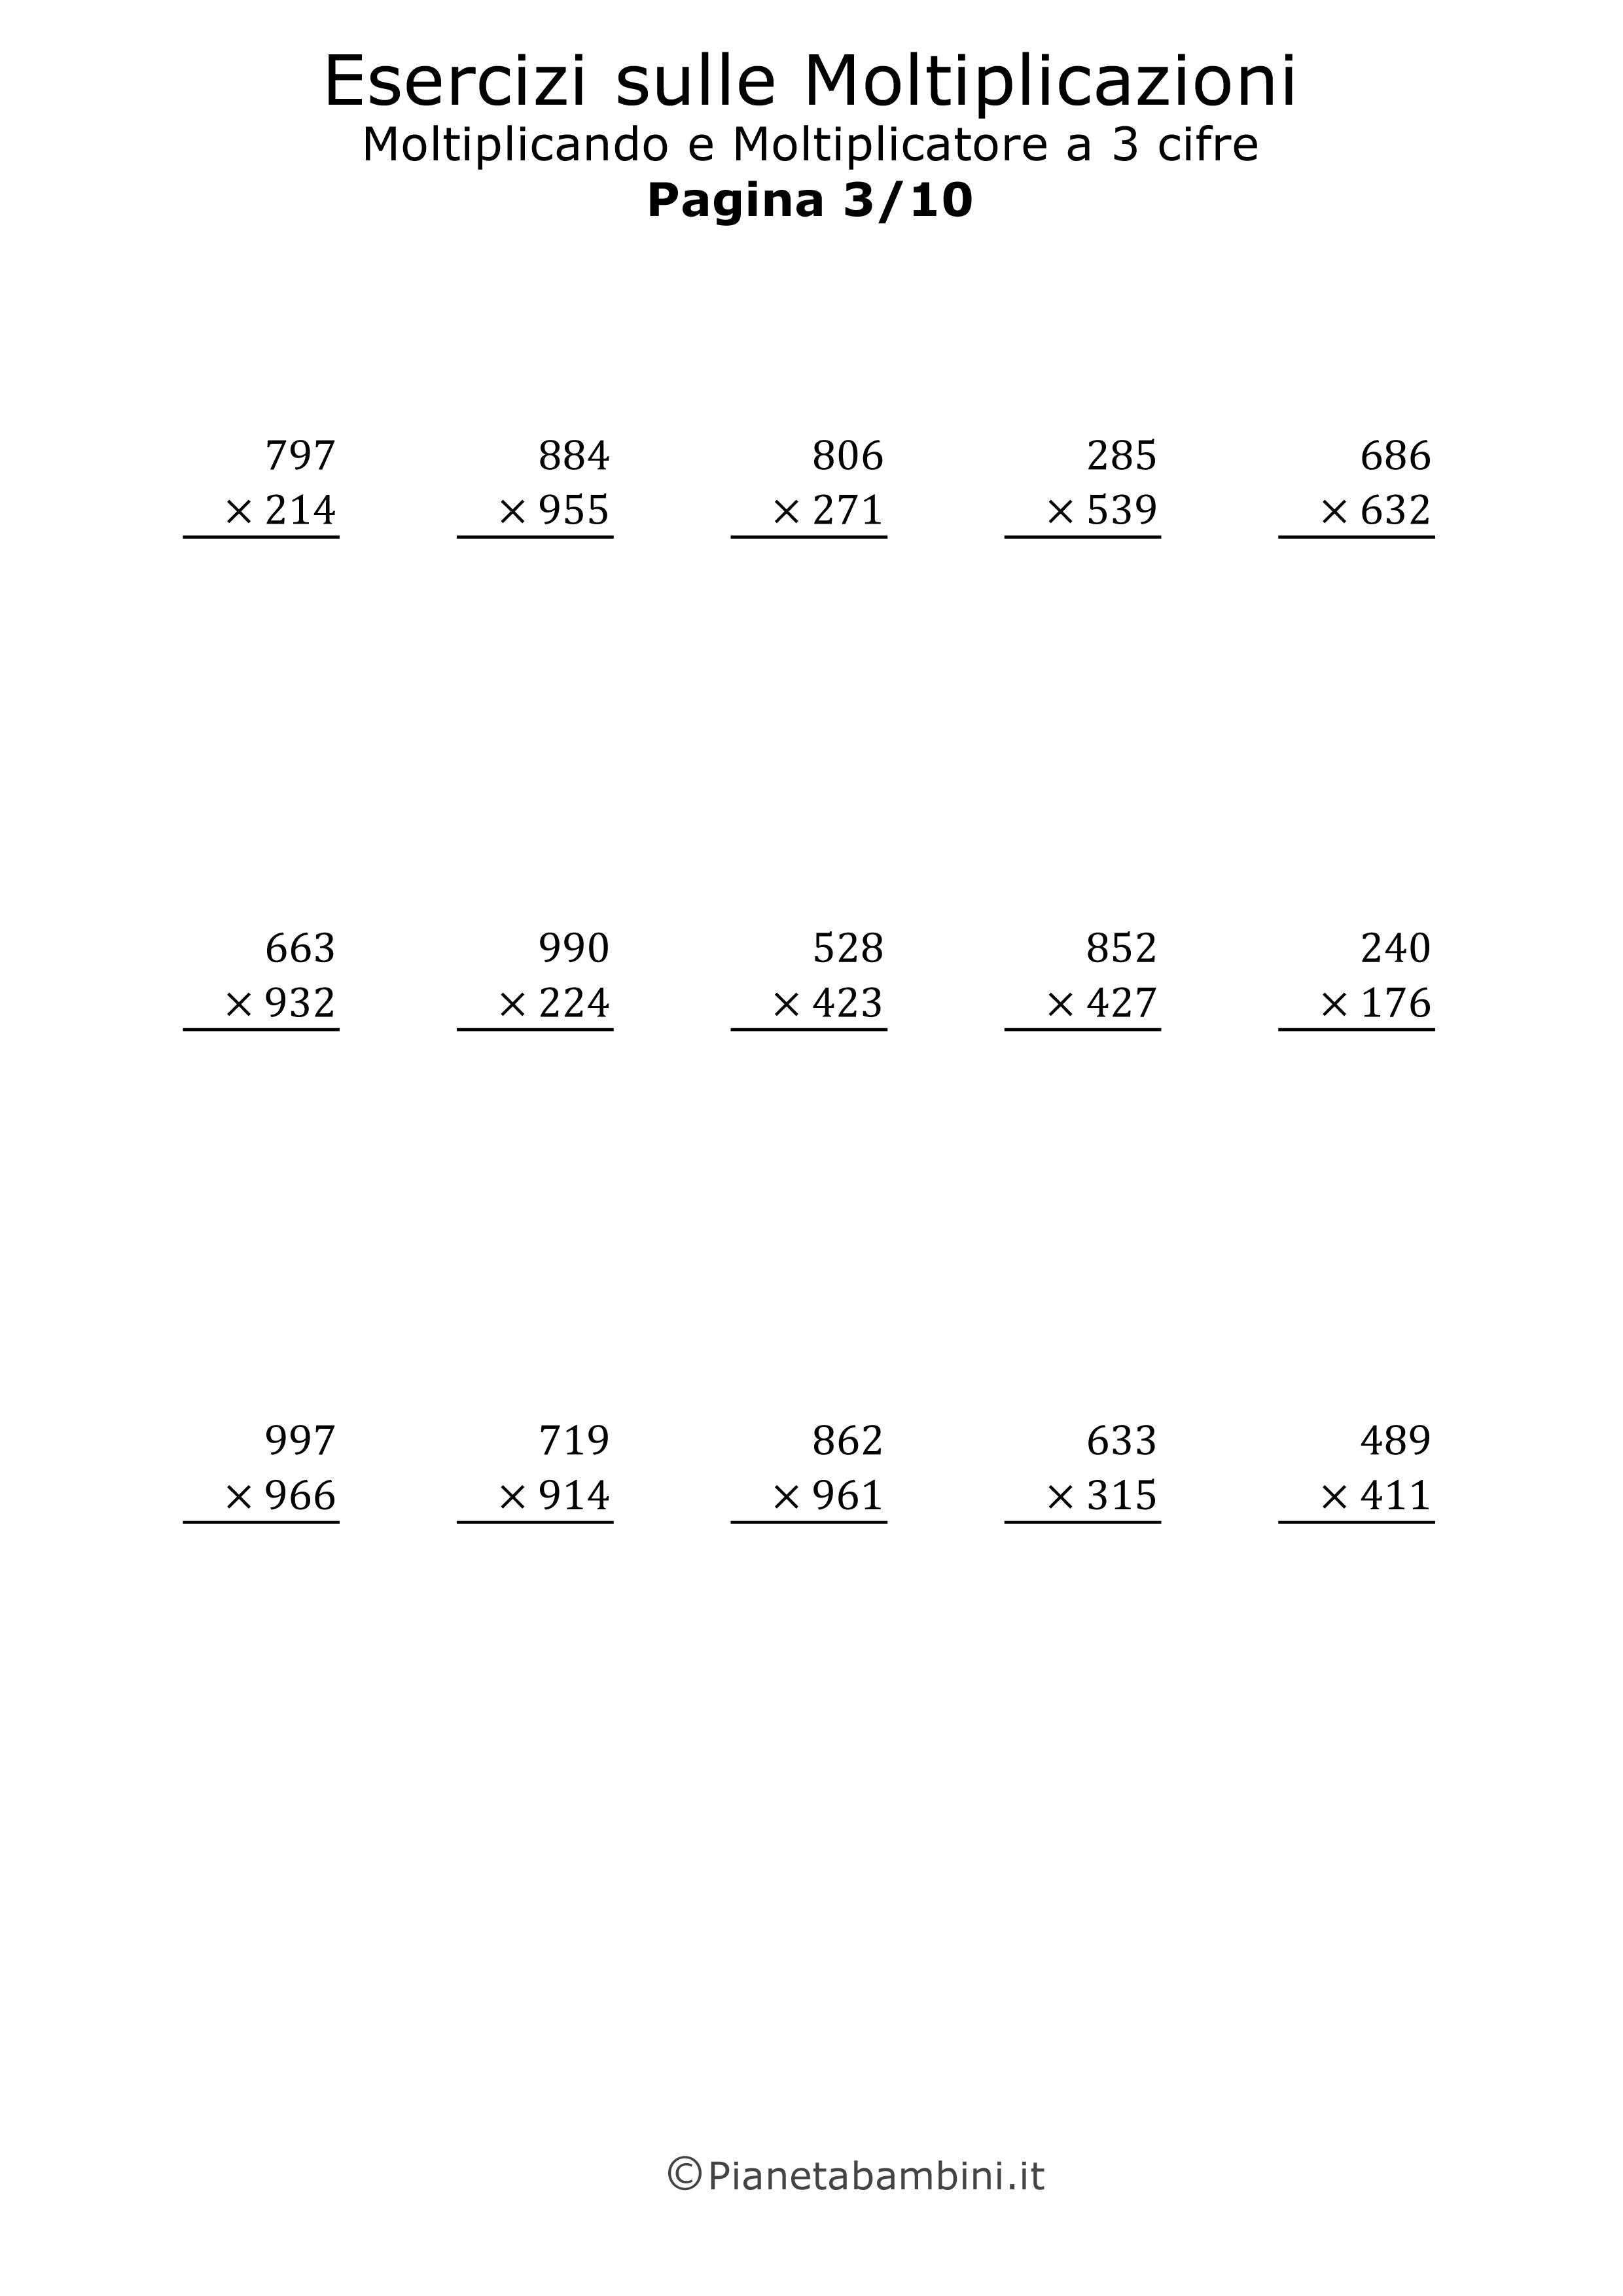 Esercizi-Moltiplicazioni-3-Cifre_03